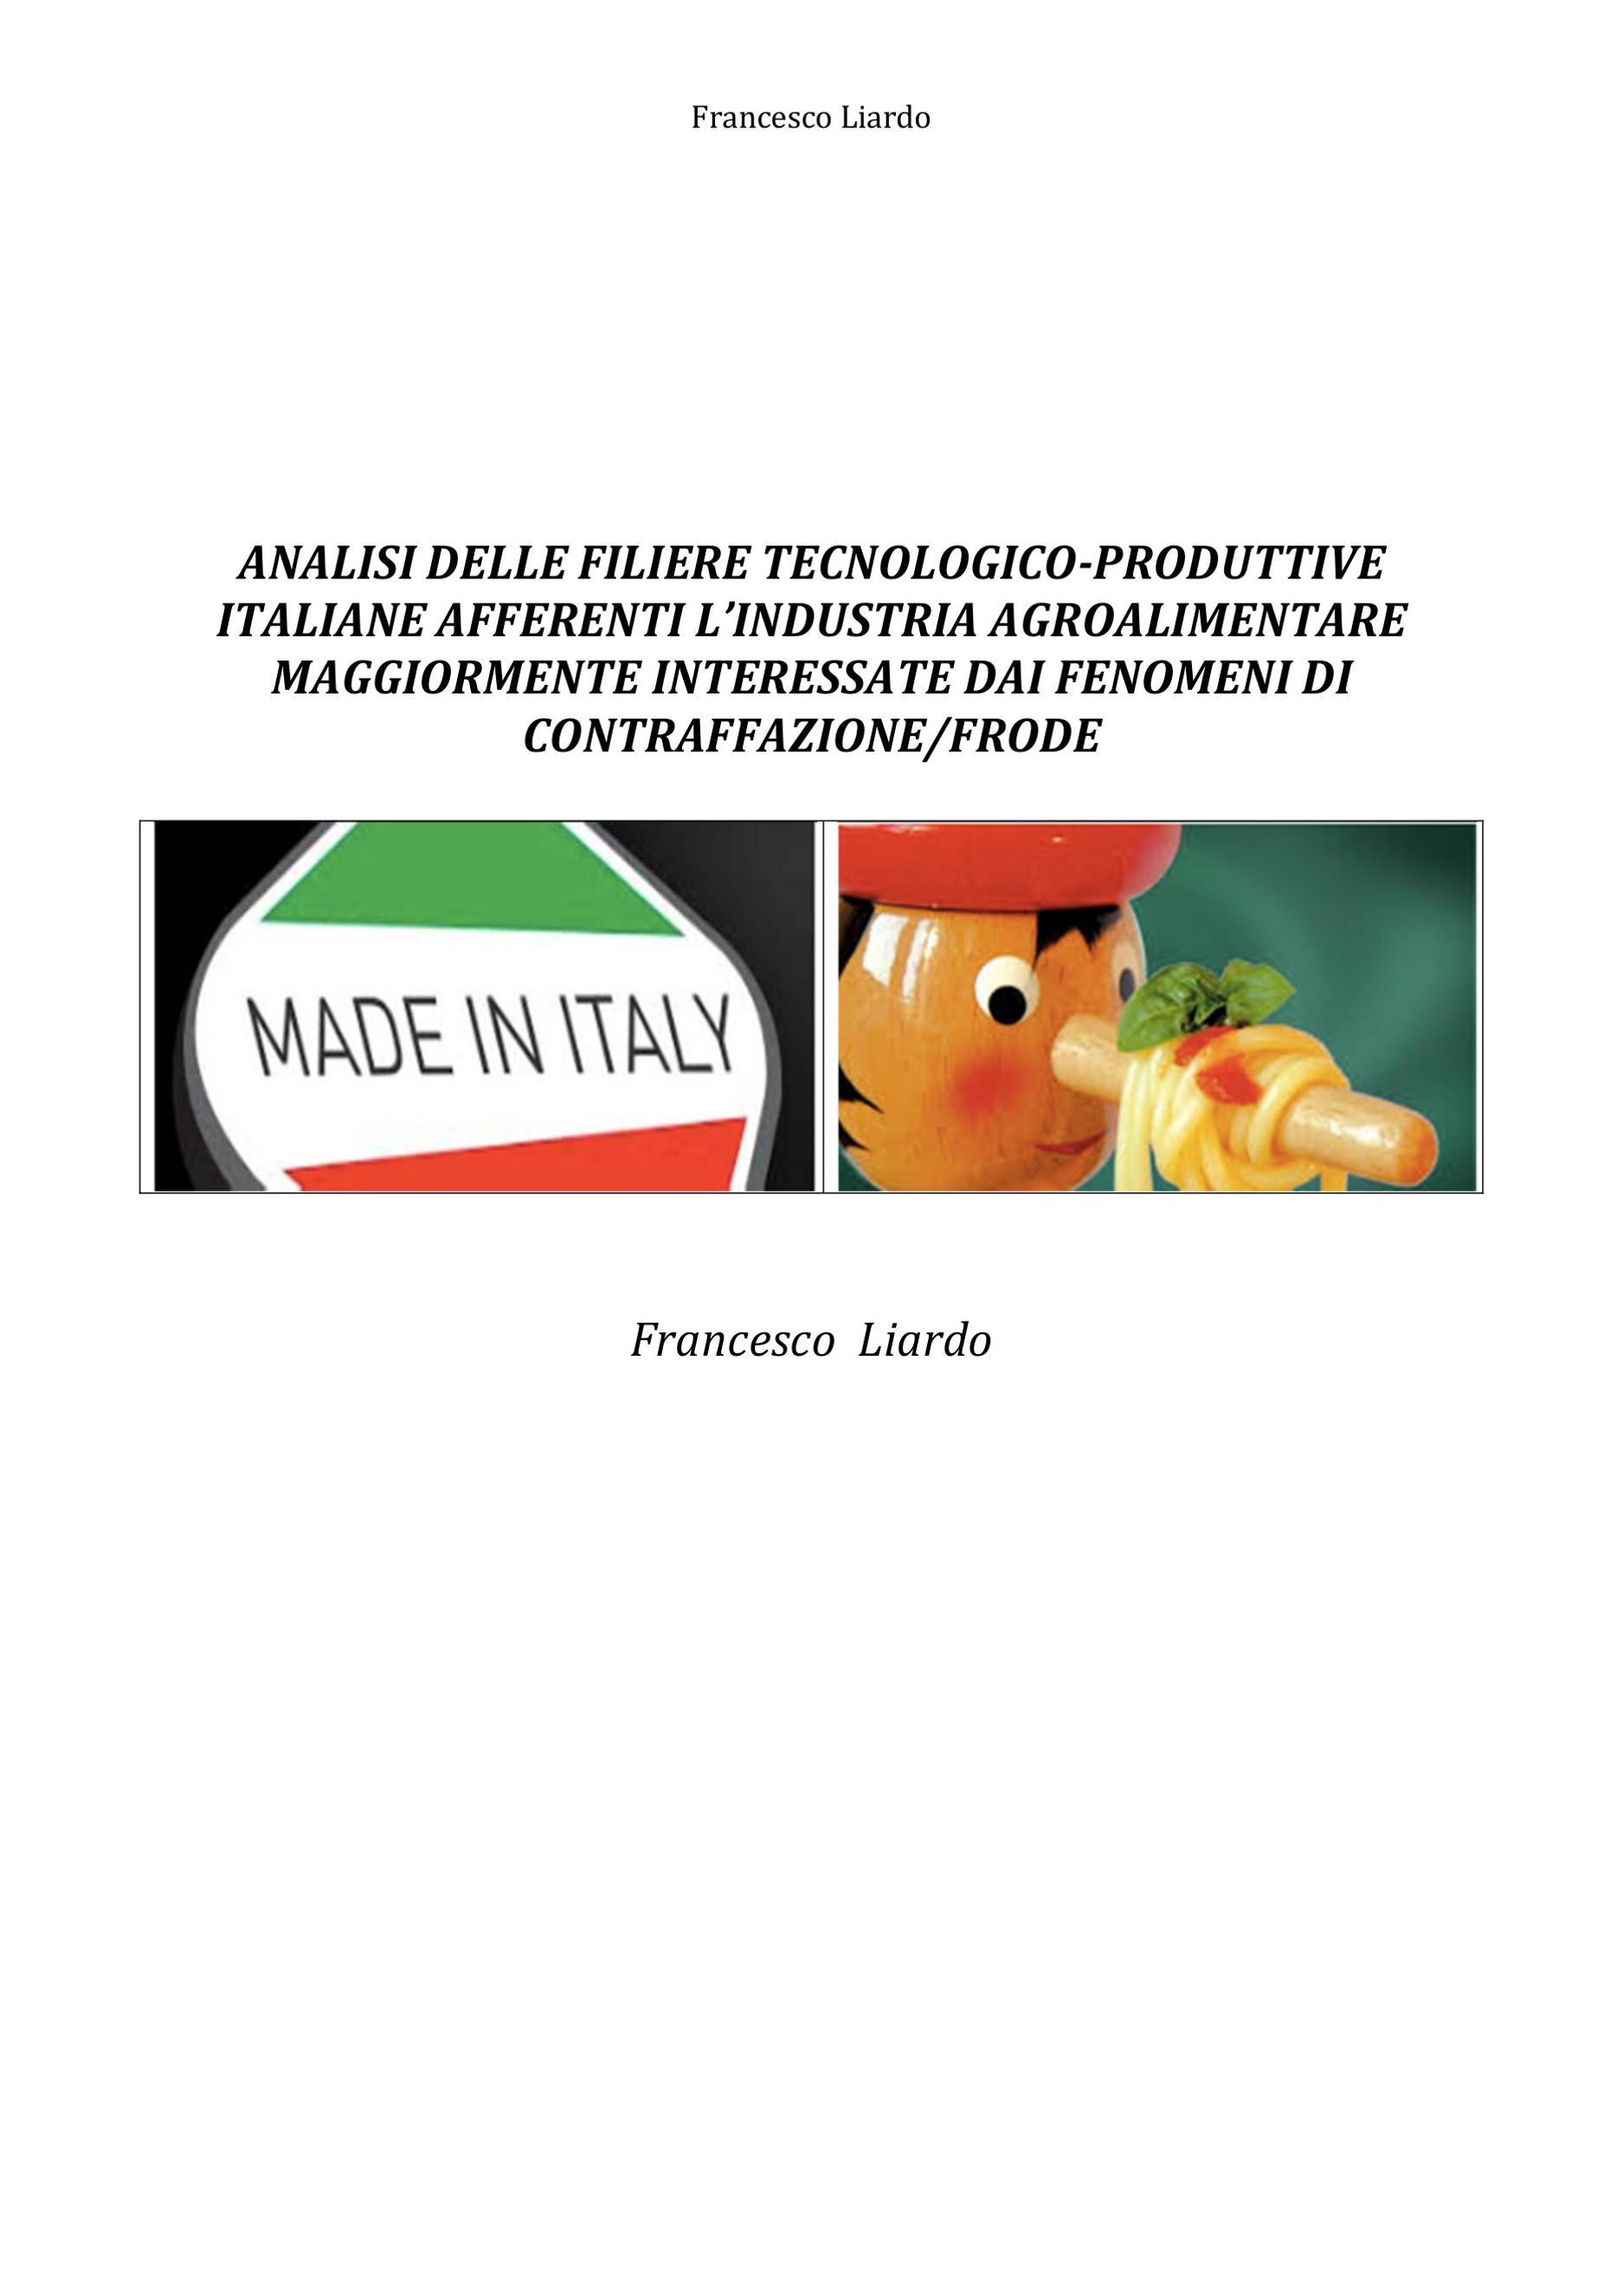 Analisi delle filiere tecnologico-produttive italiane afferenti l'industria agroalimentare maggiormente interessate dai fenomeni di contraffazione/frode